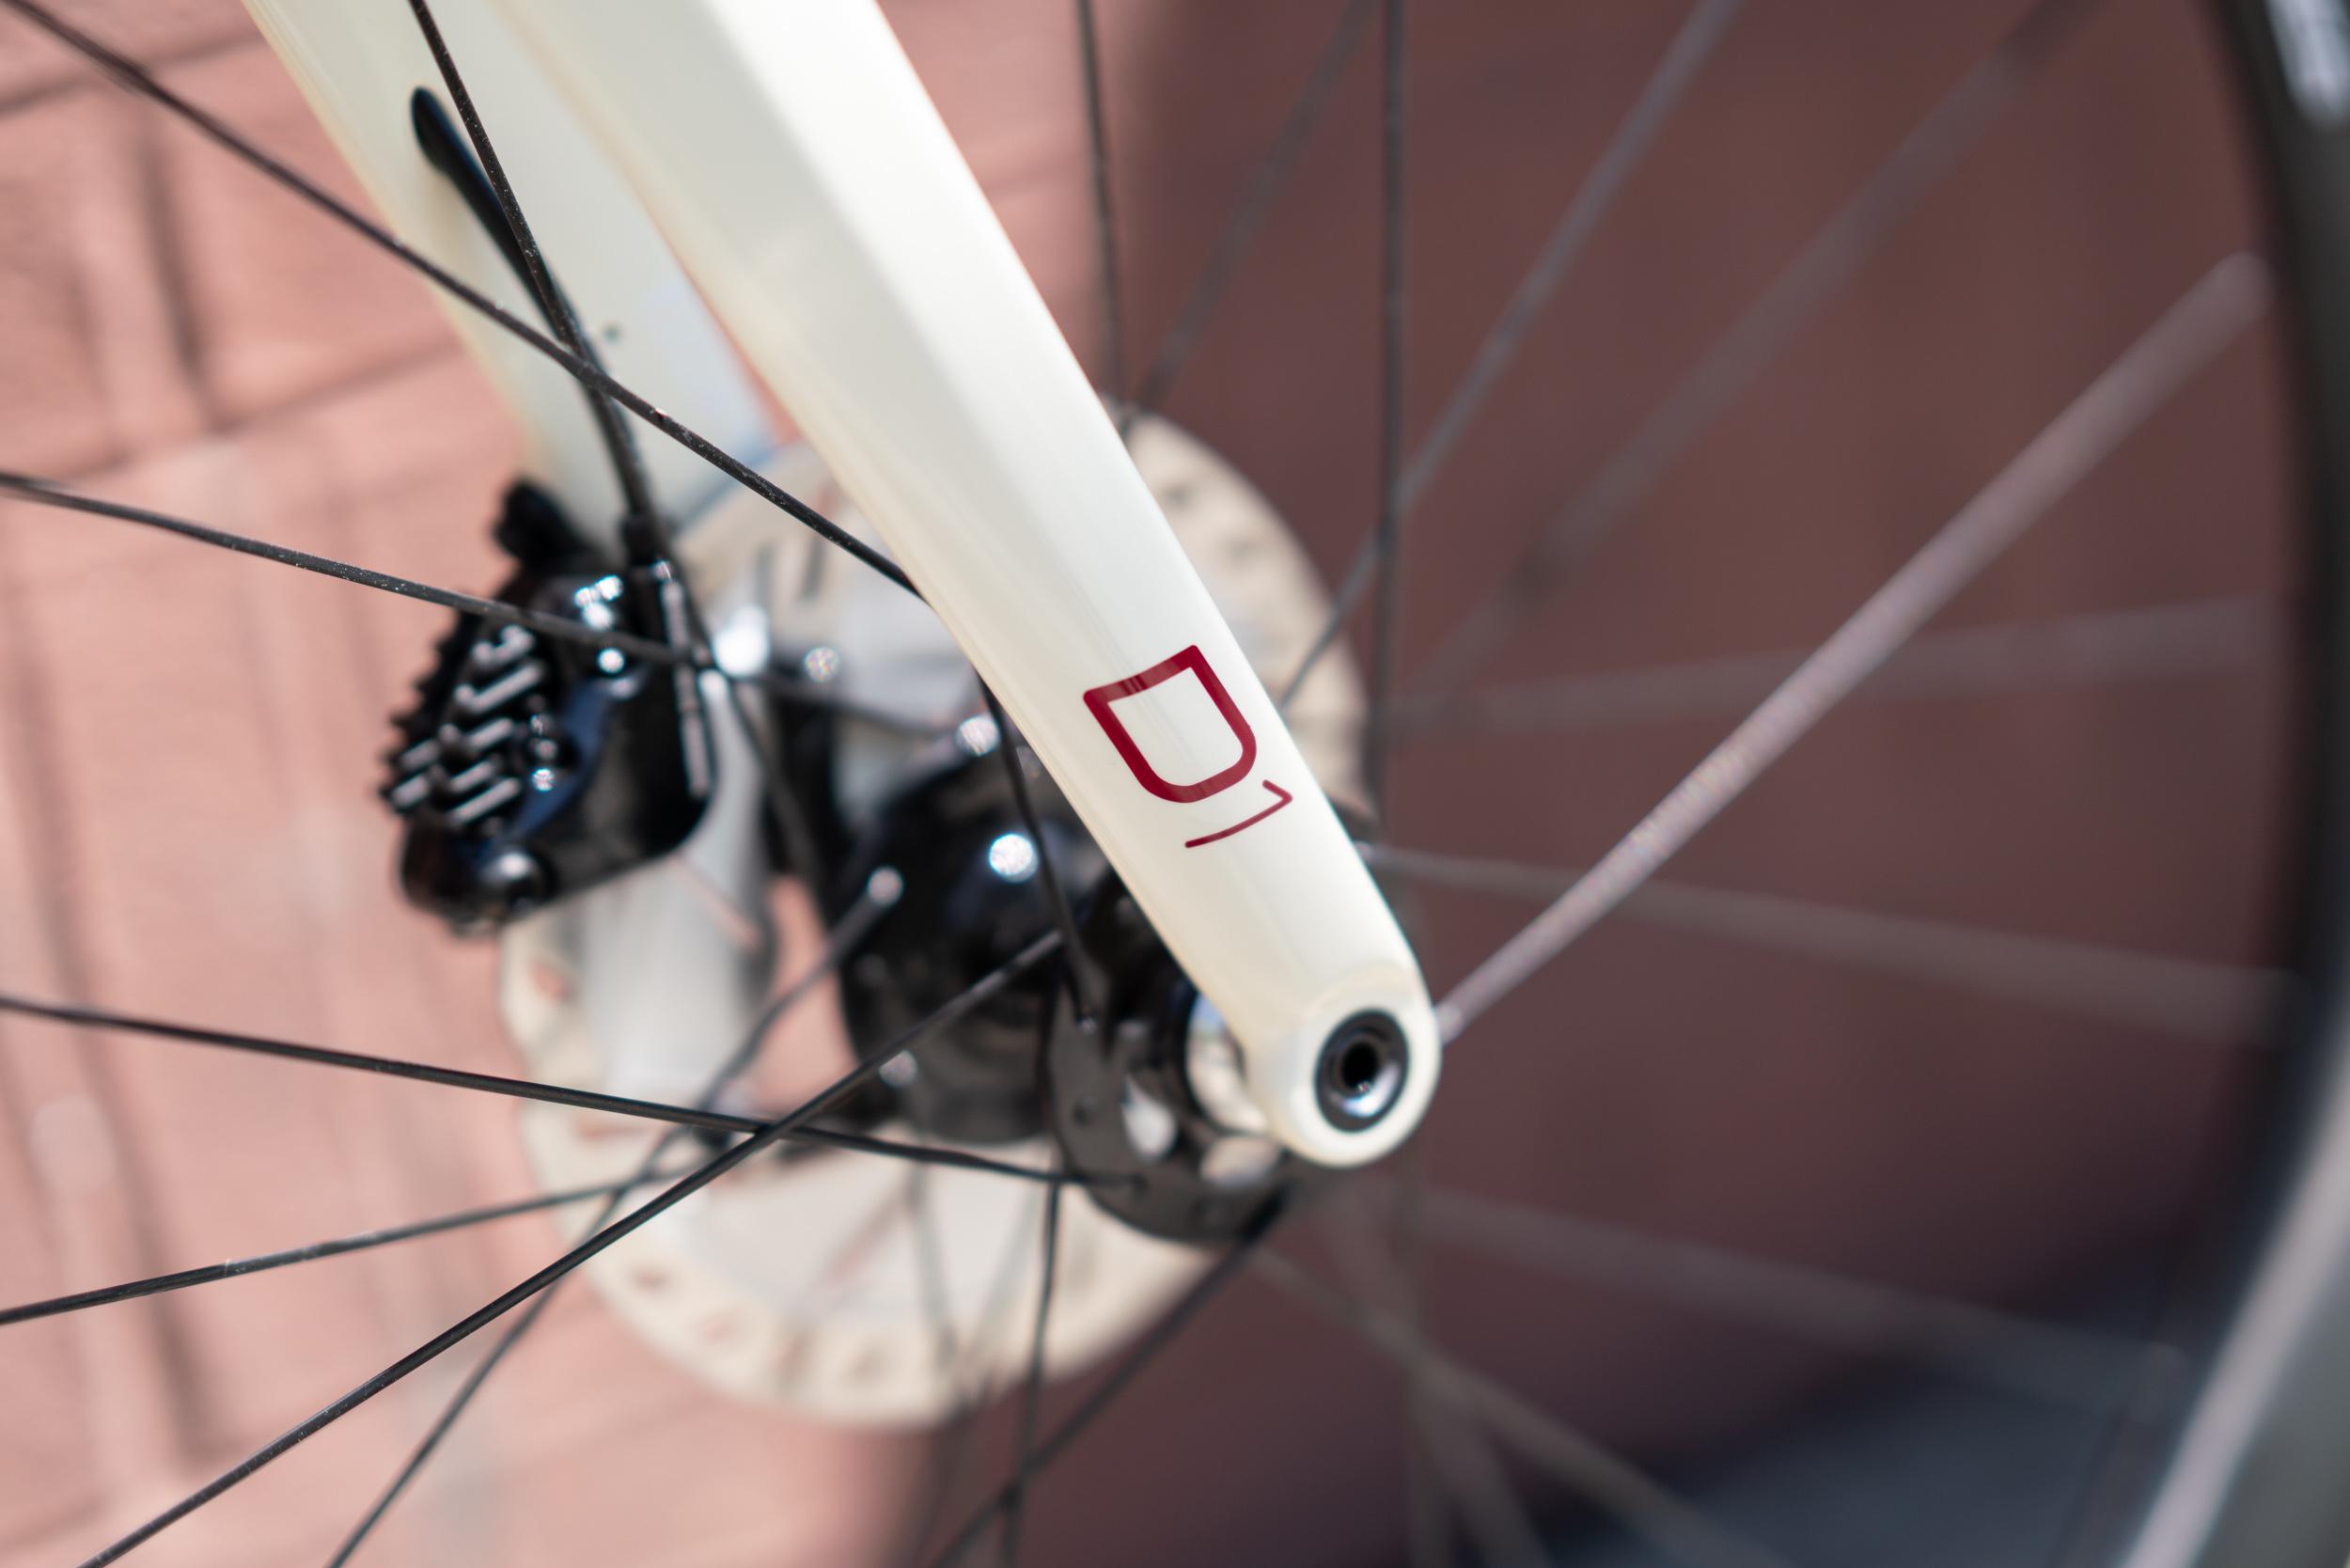 photo-rhetoric-to-be-determined-garneau-d1-blood-bike-1008.jpg